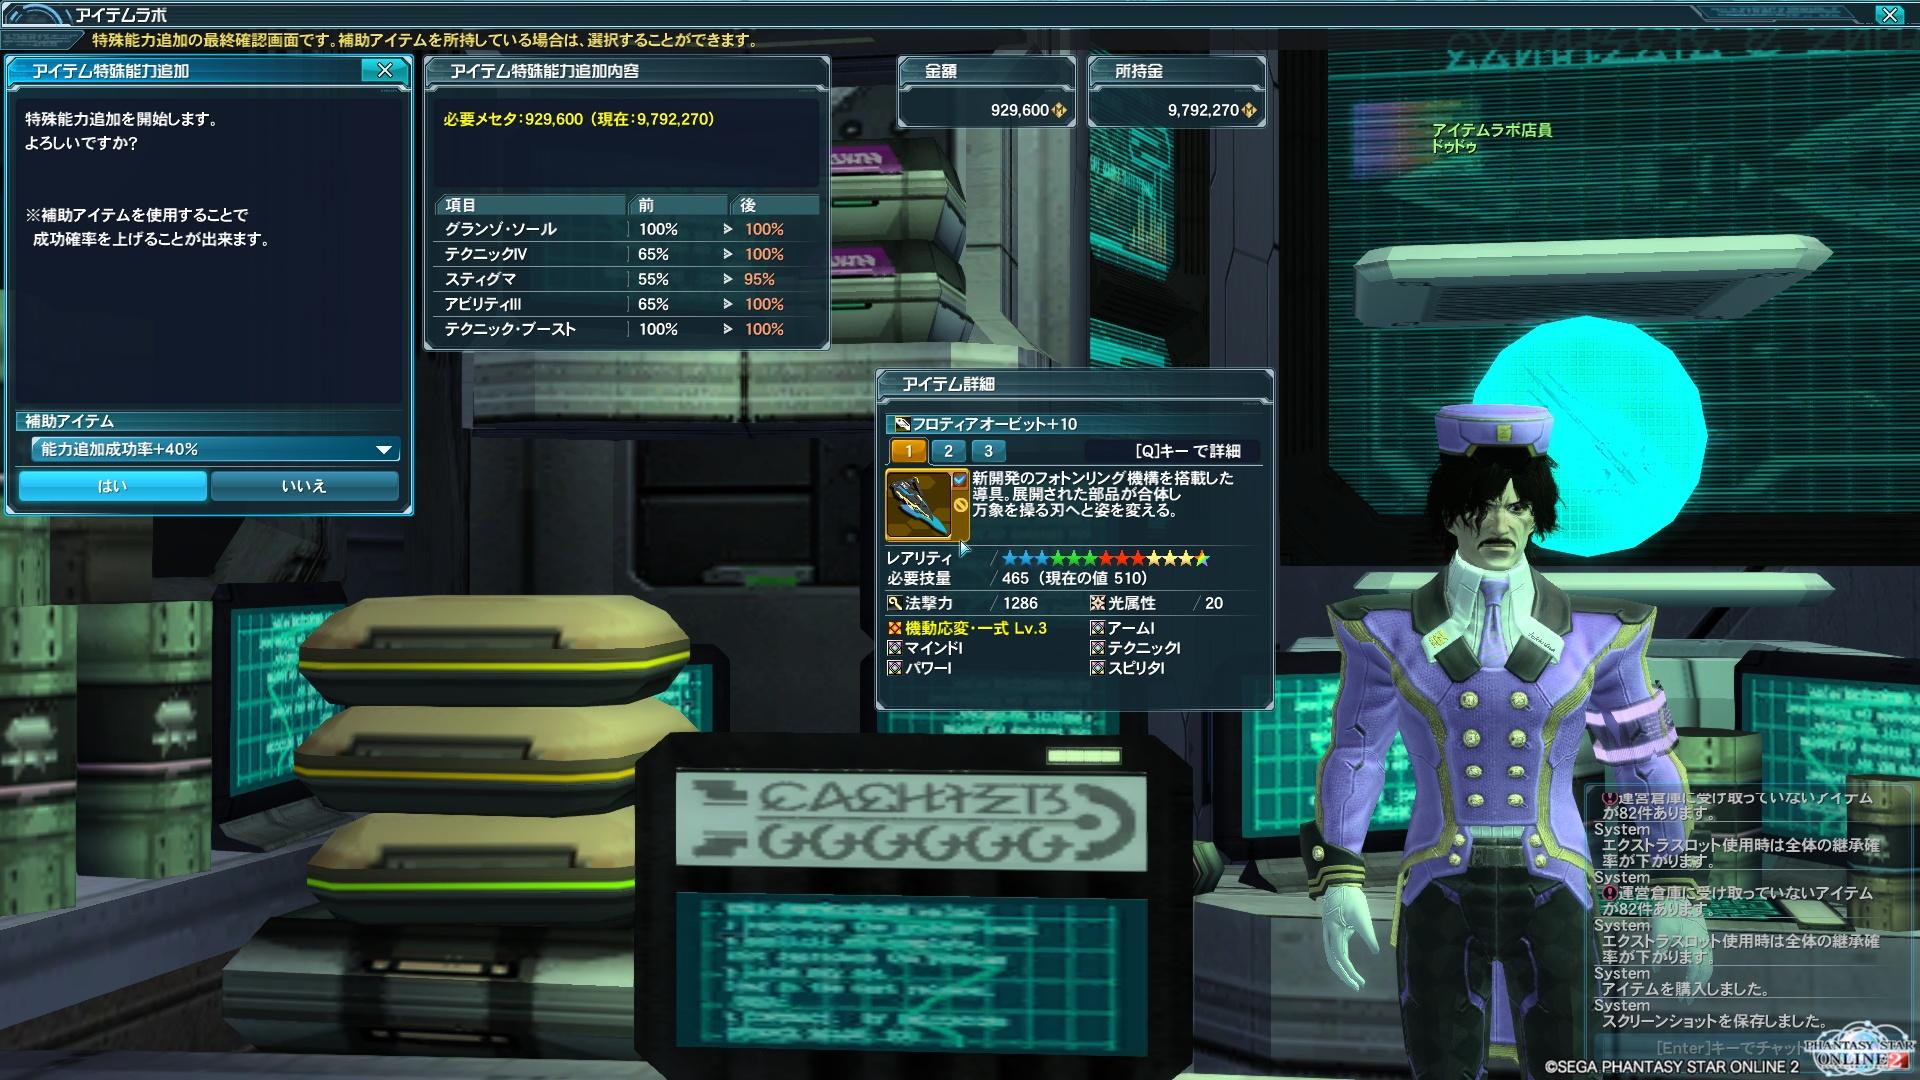 PSO2 5スロ能力付け 法撃+110 PP+8